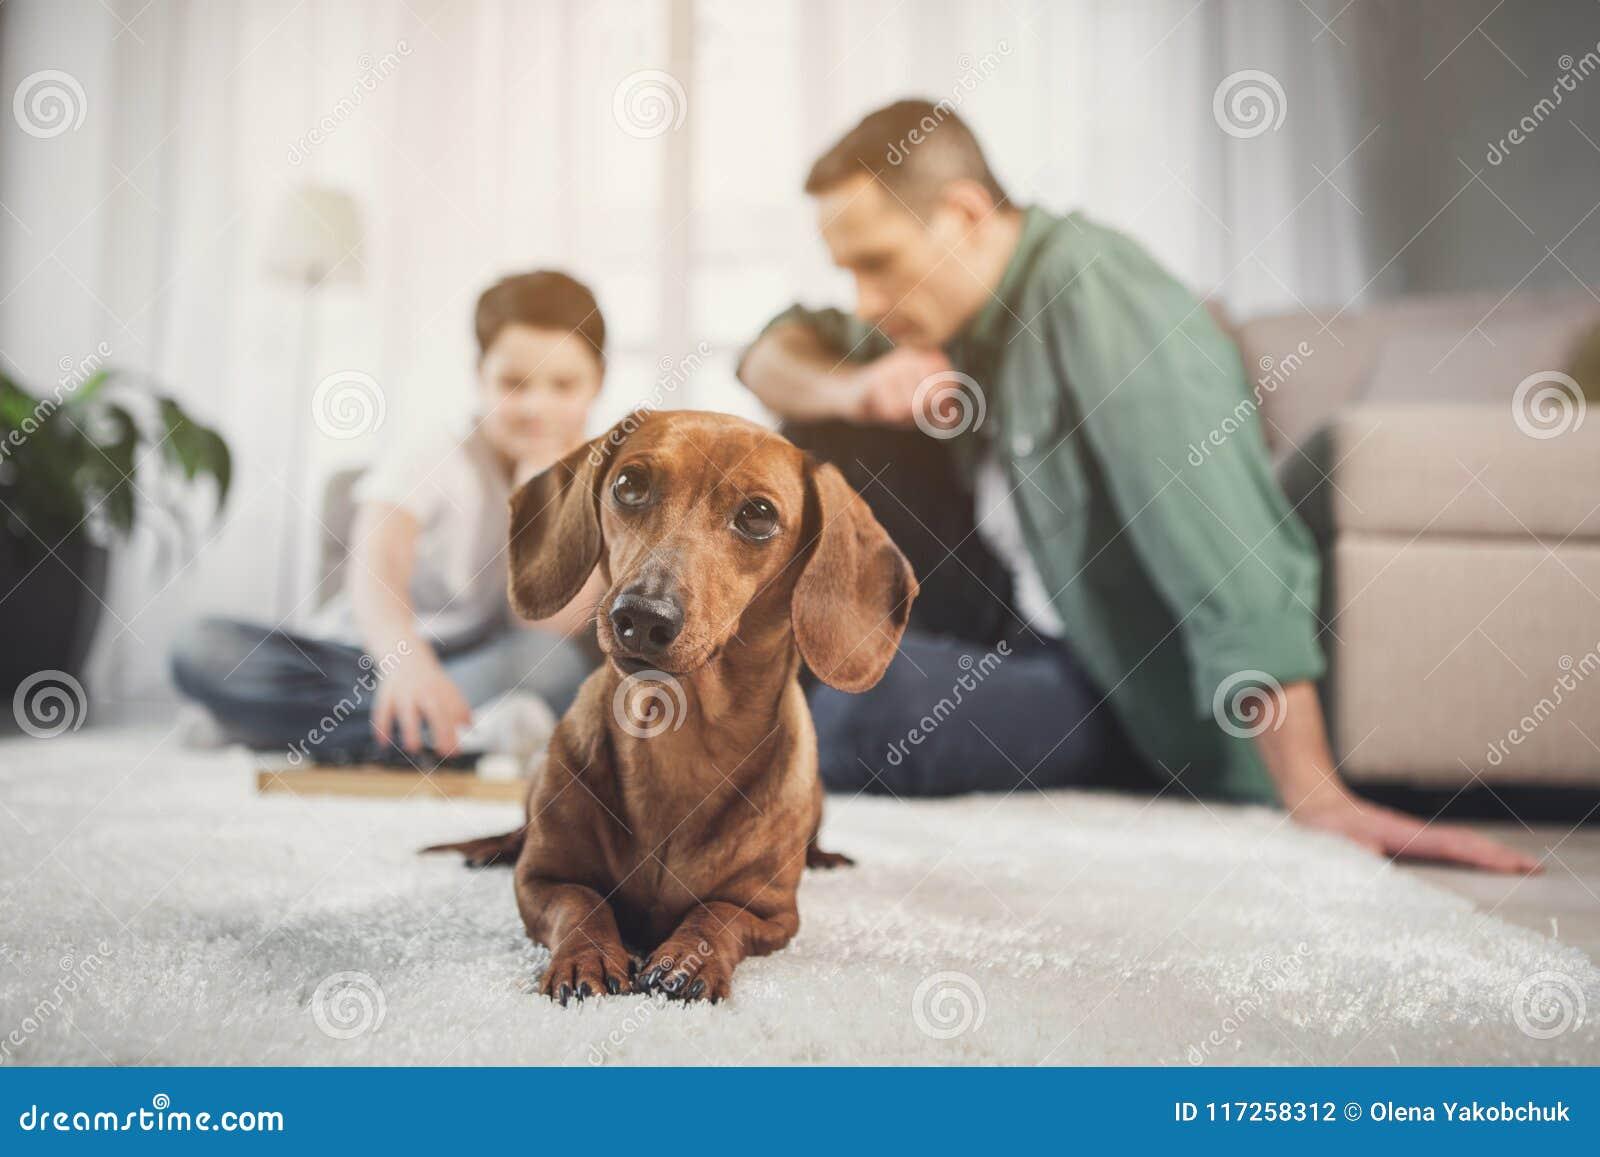 说谎在地毯的好奇棕色小狗在所有者附近